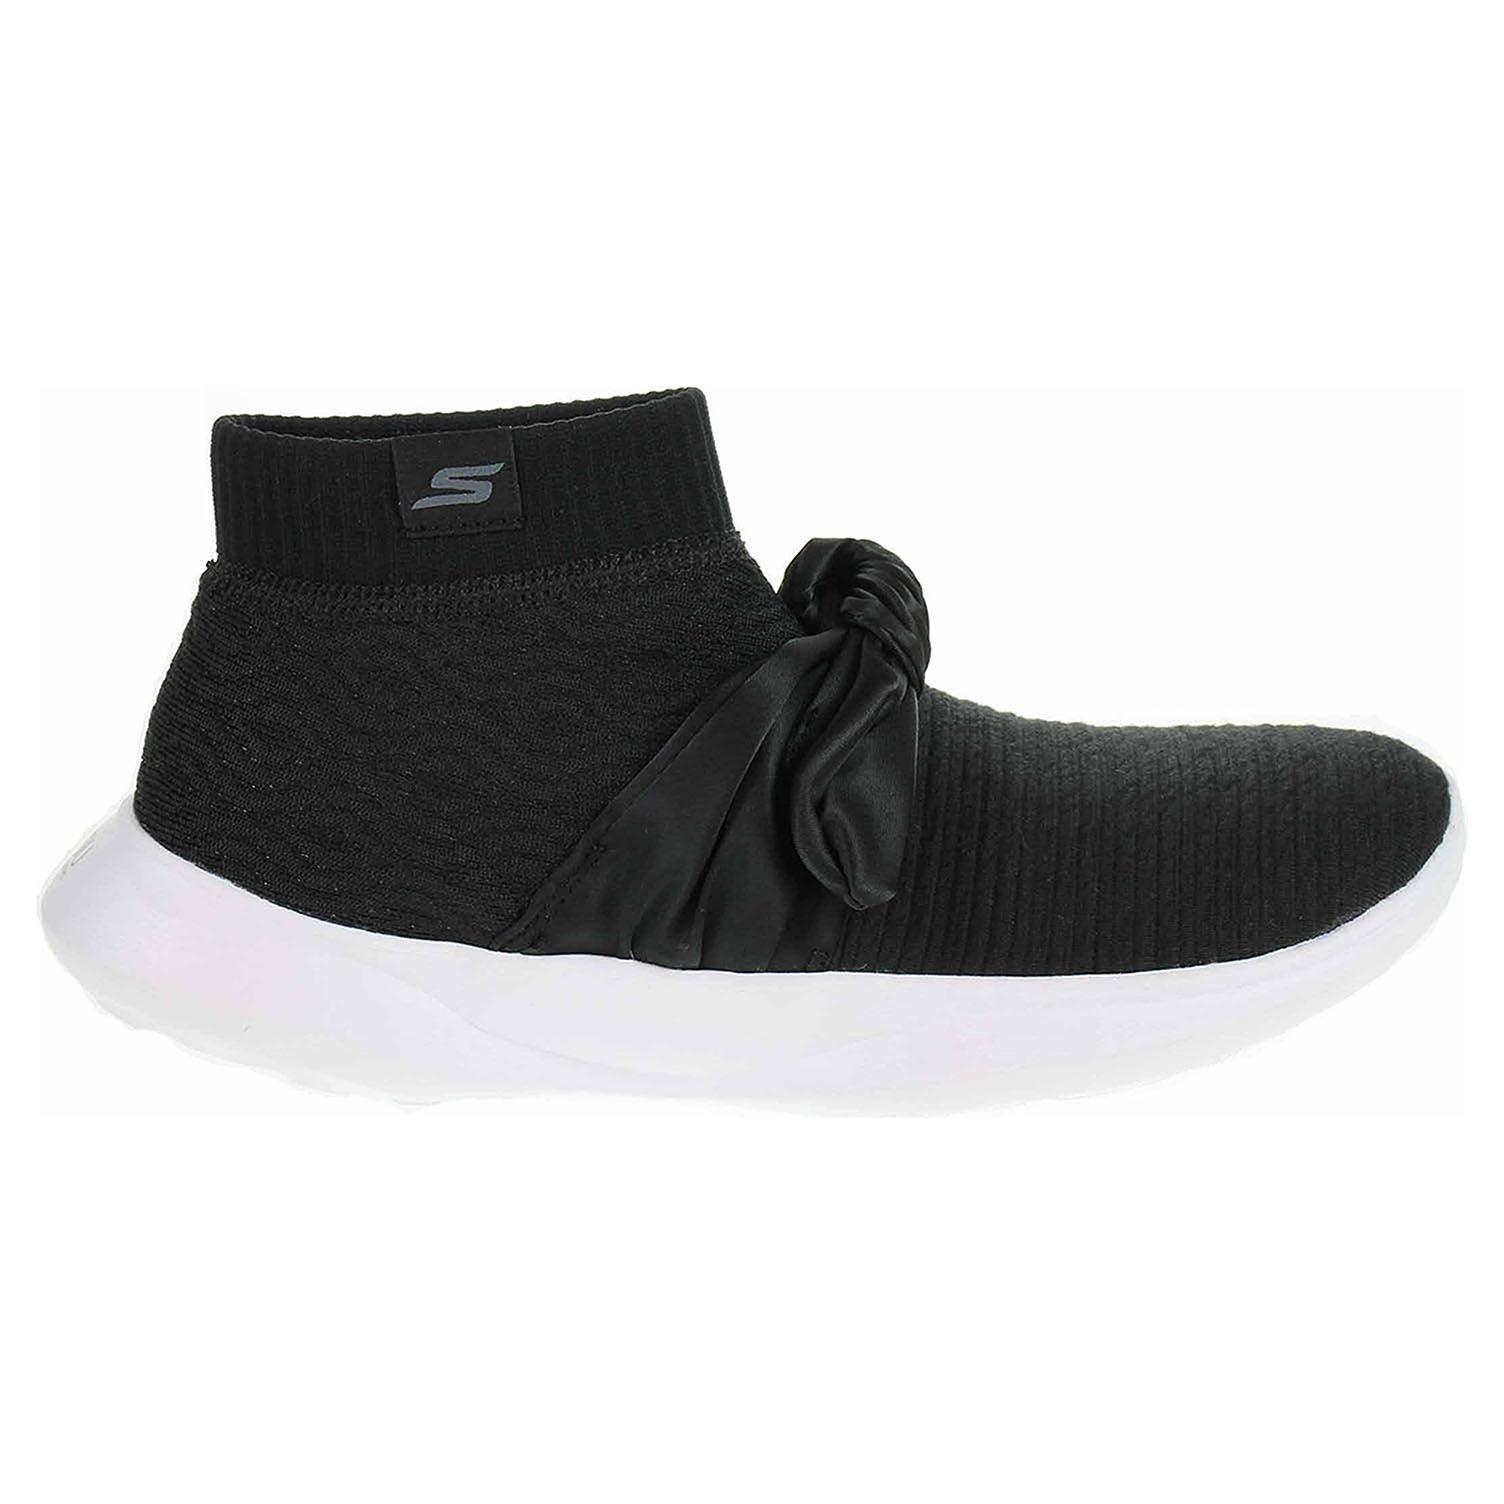 Ecco Skechers Serene - Contour black-white 22400767 a7bf0000a5